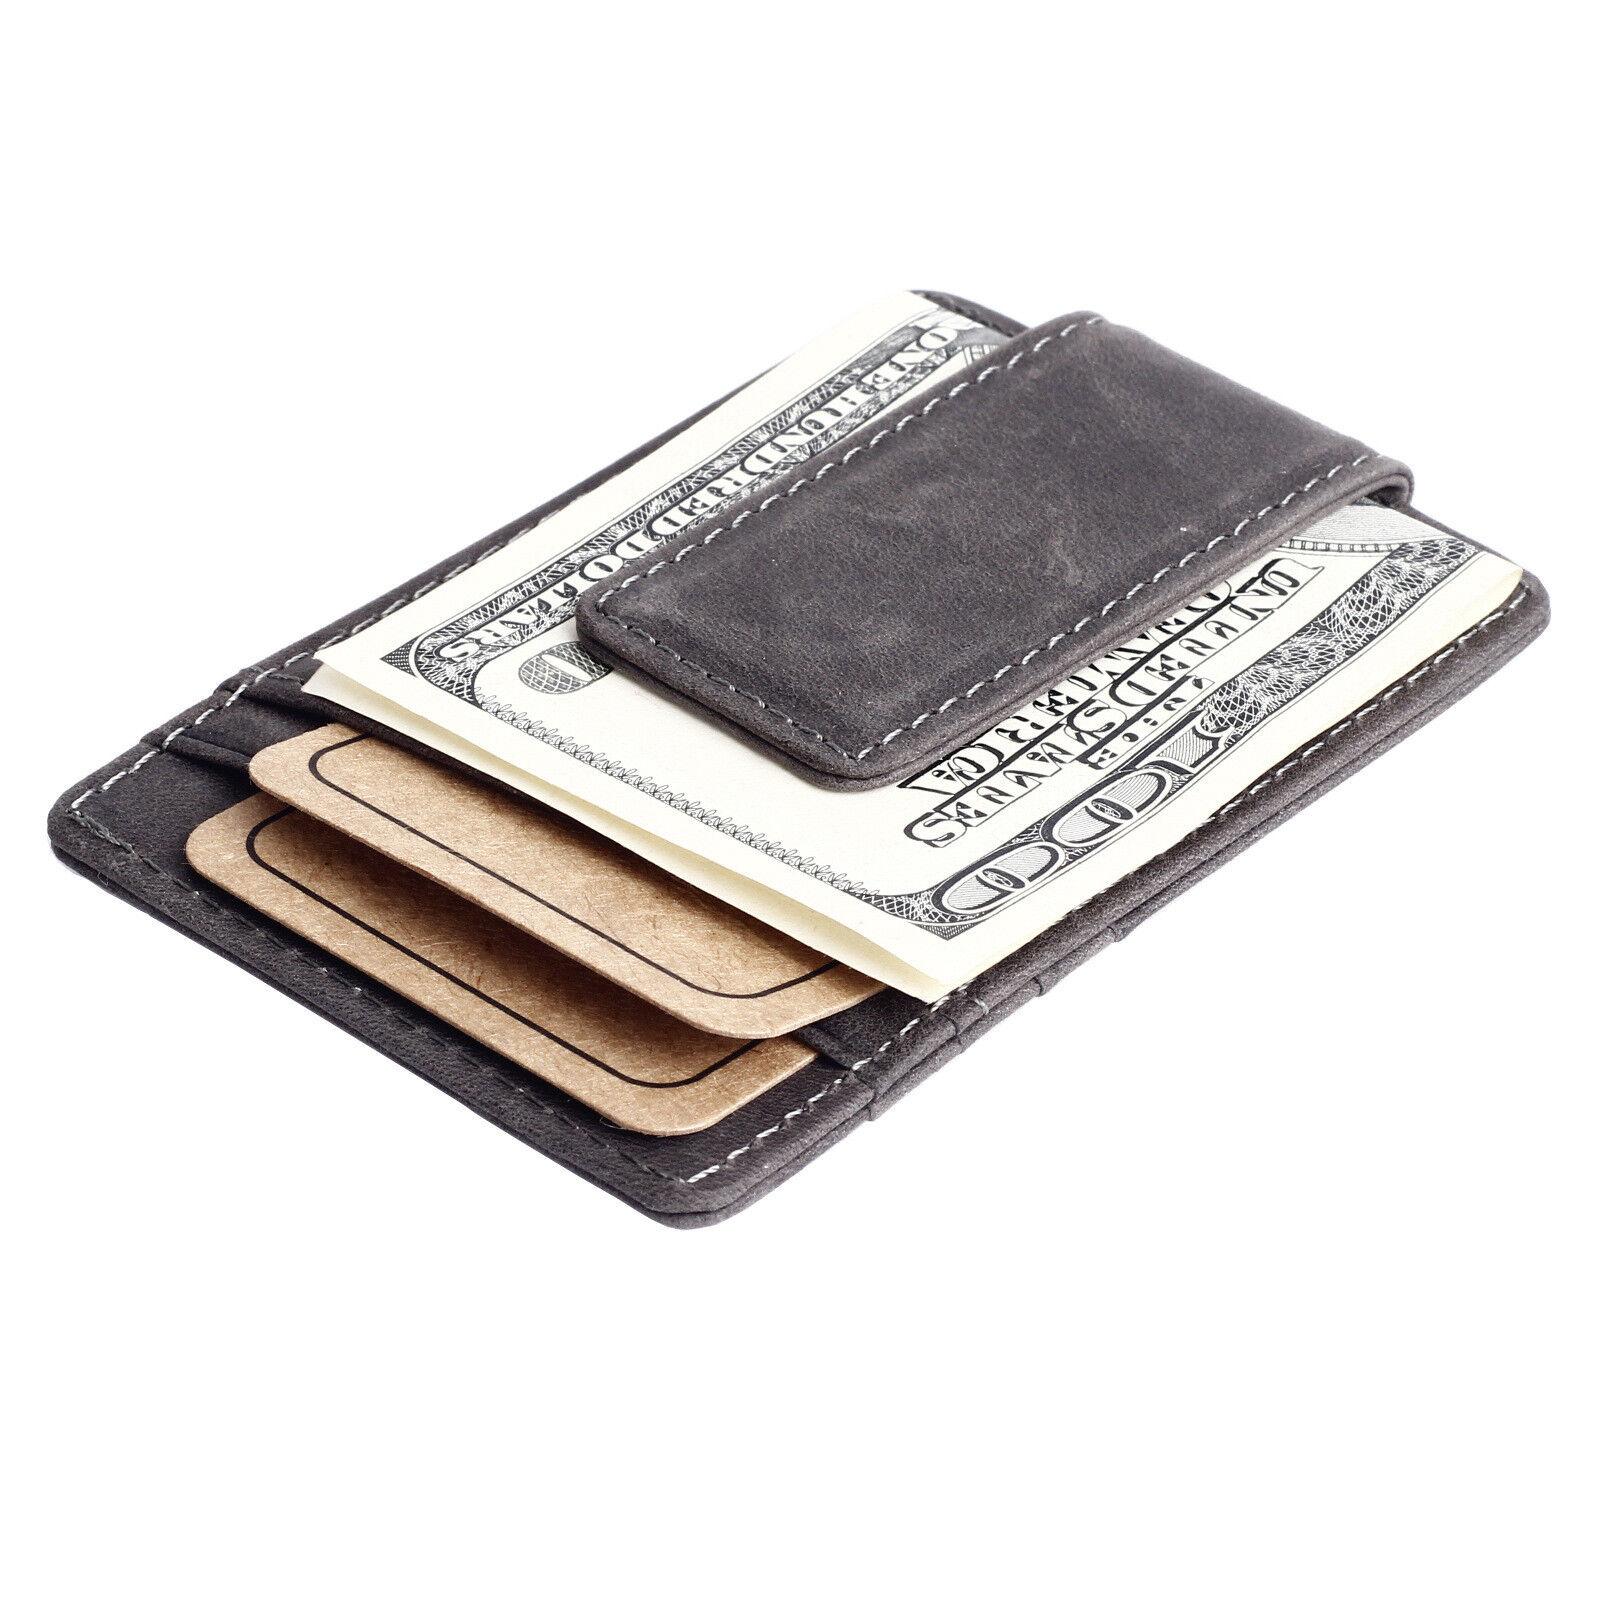 Slim Men's Leather Magnet Wallet Credit Card ID Holder Money Clip Front Pocket